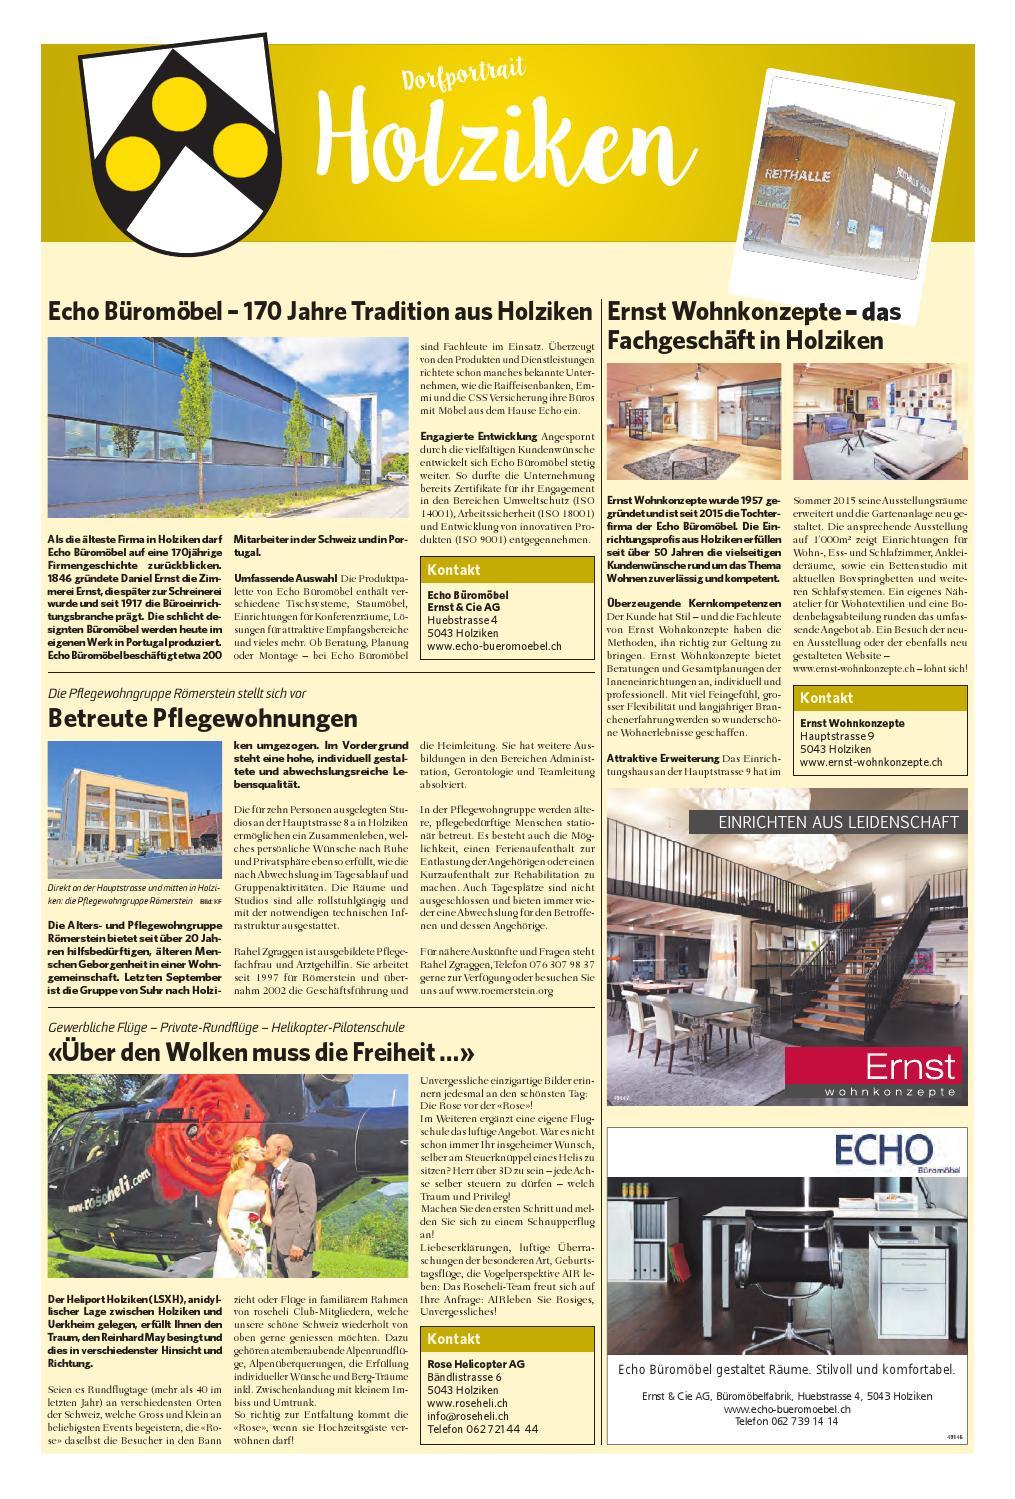 Der Landanzeiger 11/16 by ZT Medien AG - issuu